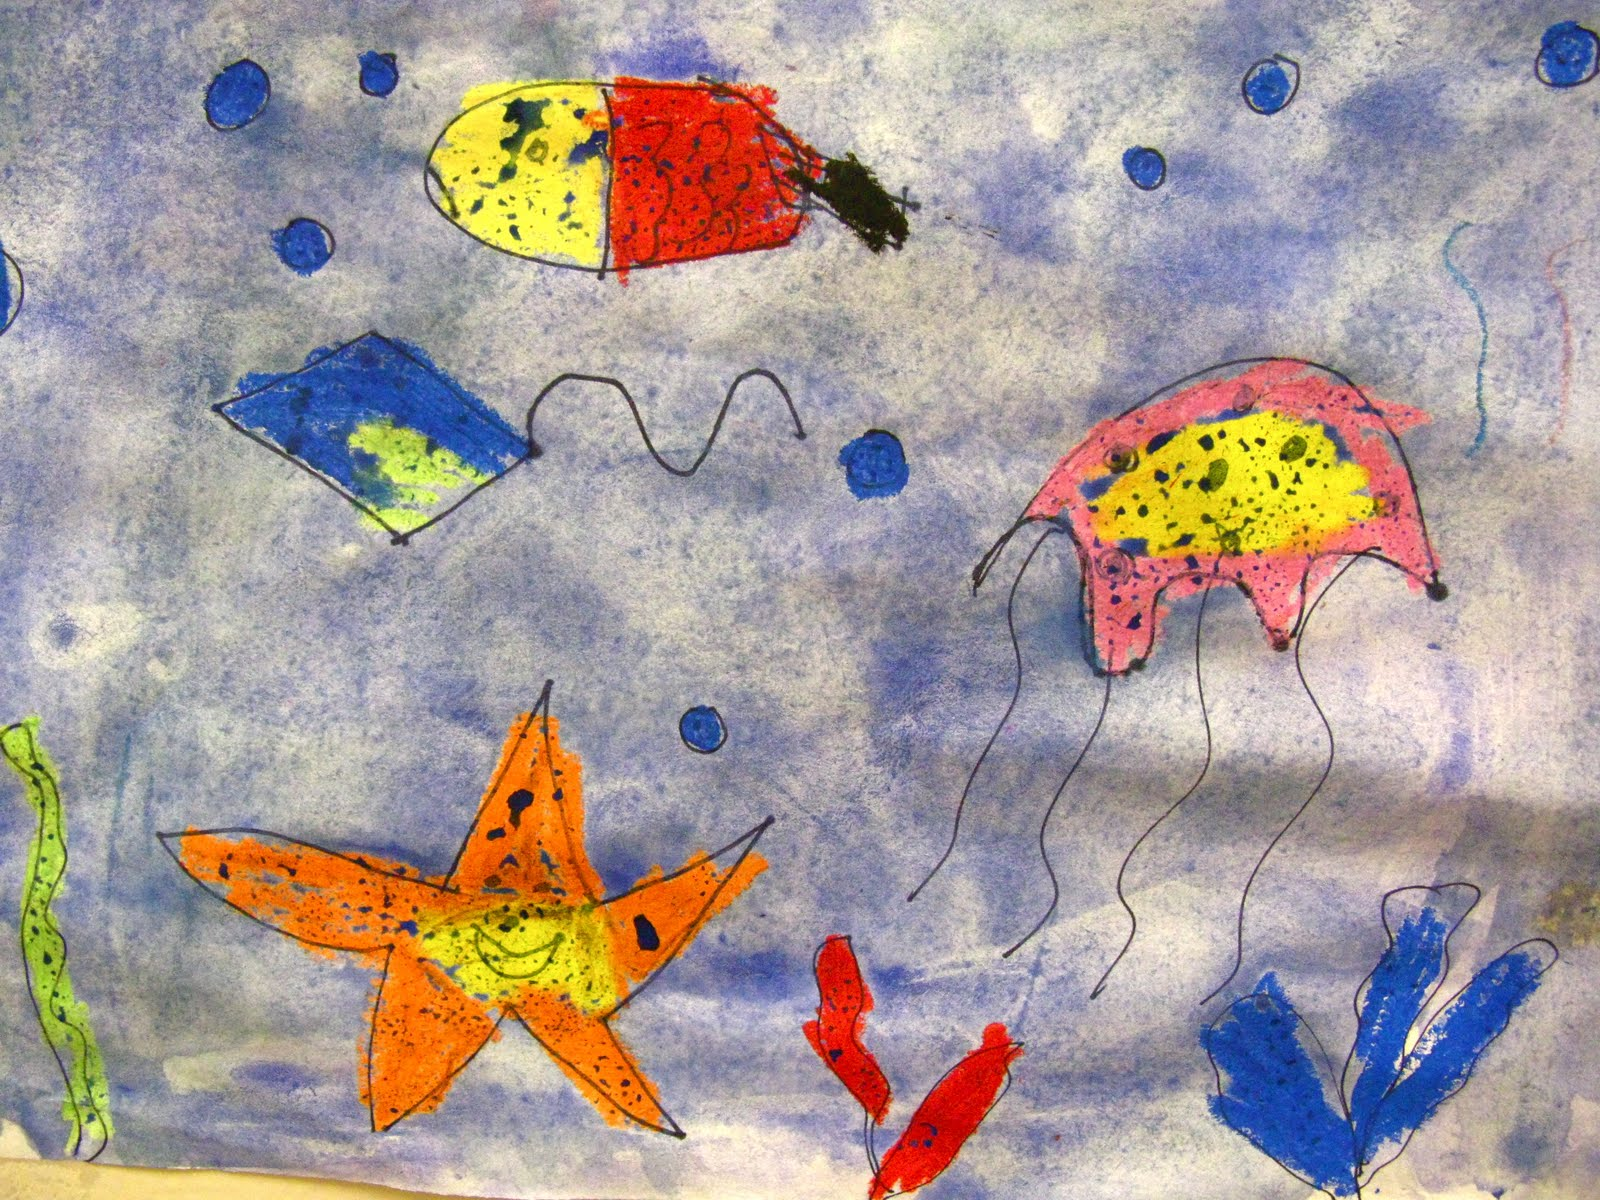 Ocean Resist Paintings by